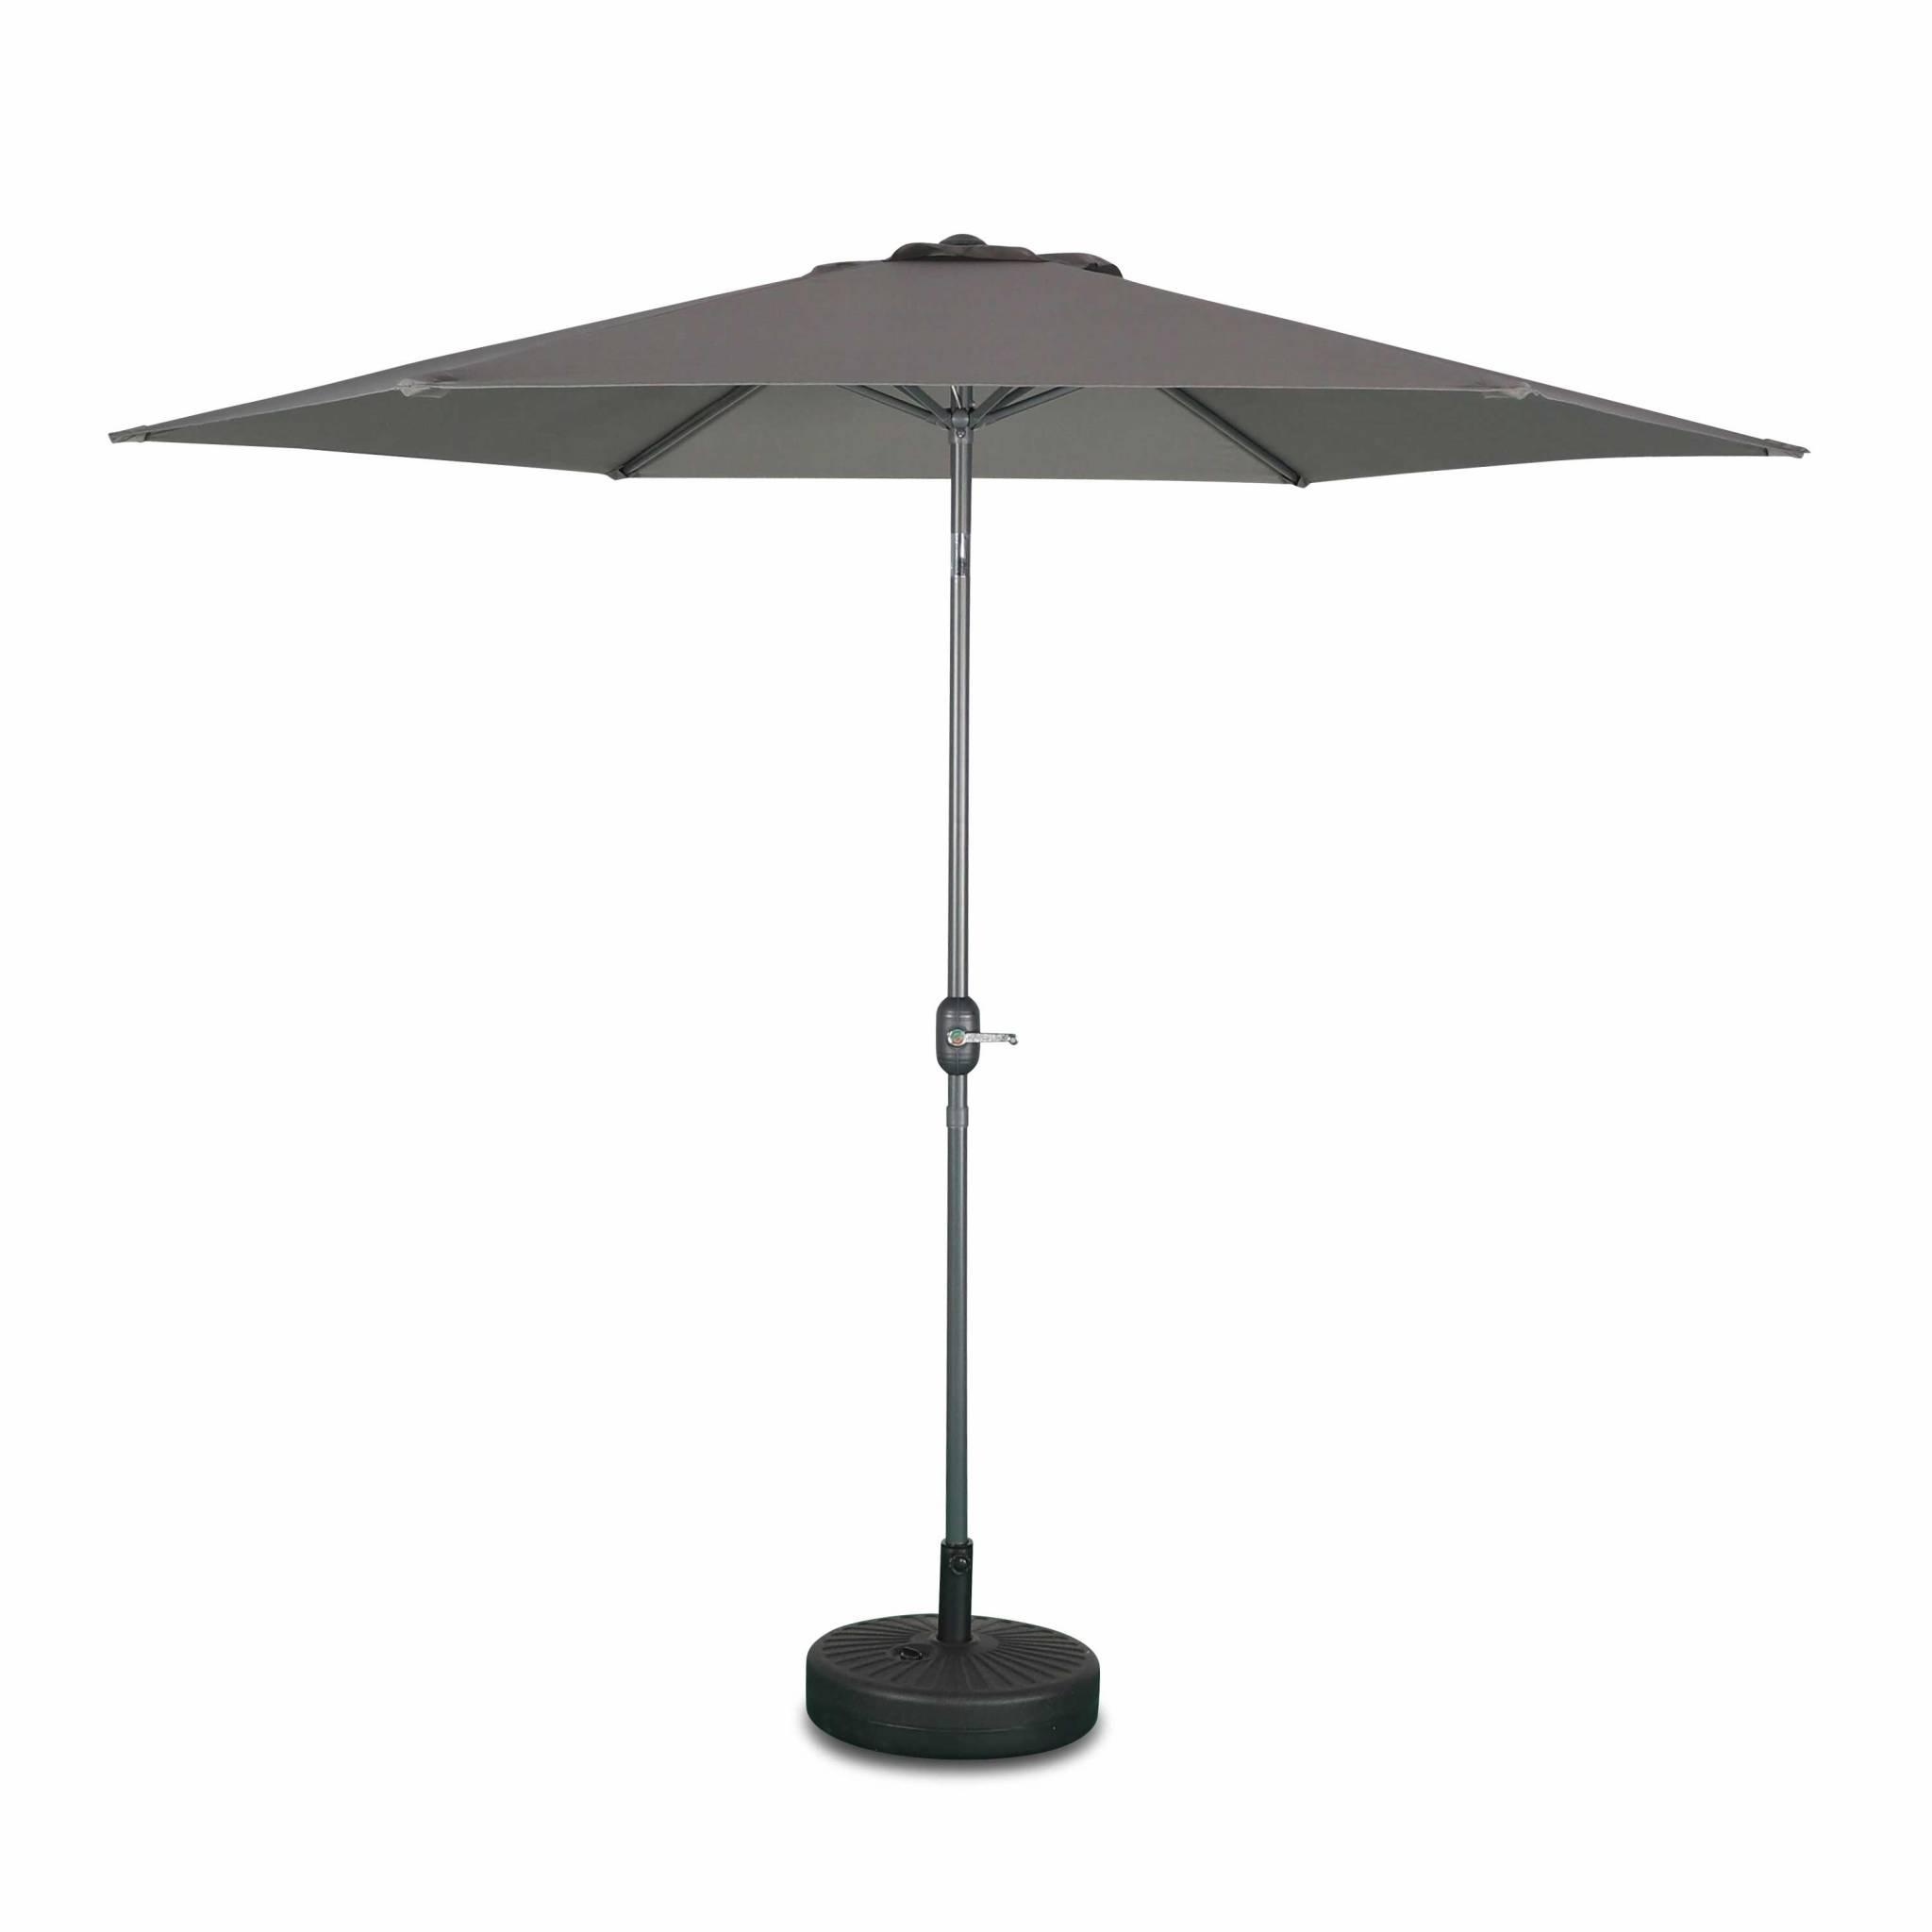 Parasol droit touquet rond ⌀300cm gris mât central aluminium